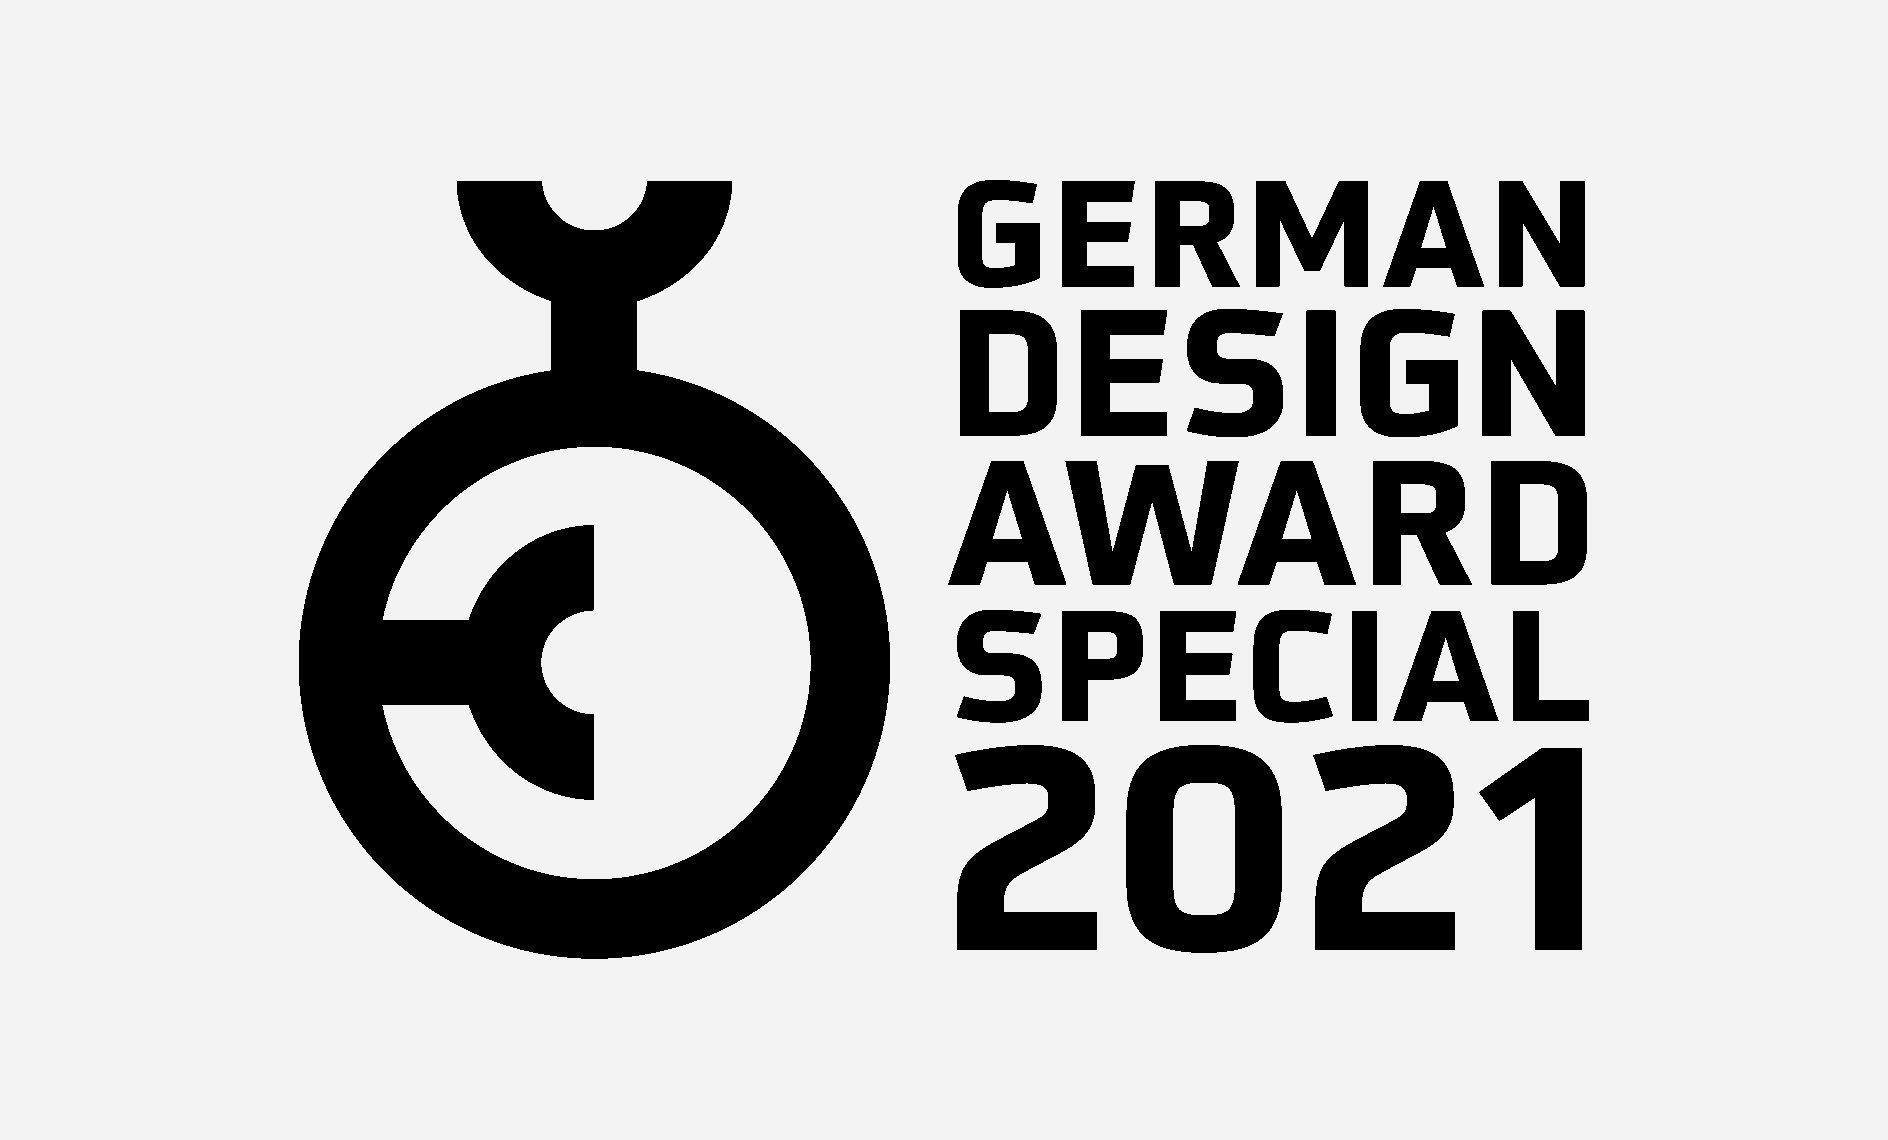 ramar german design award special 2021